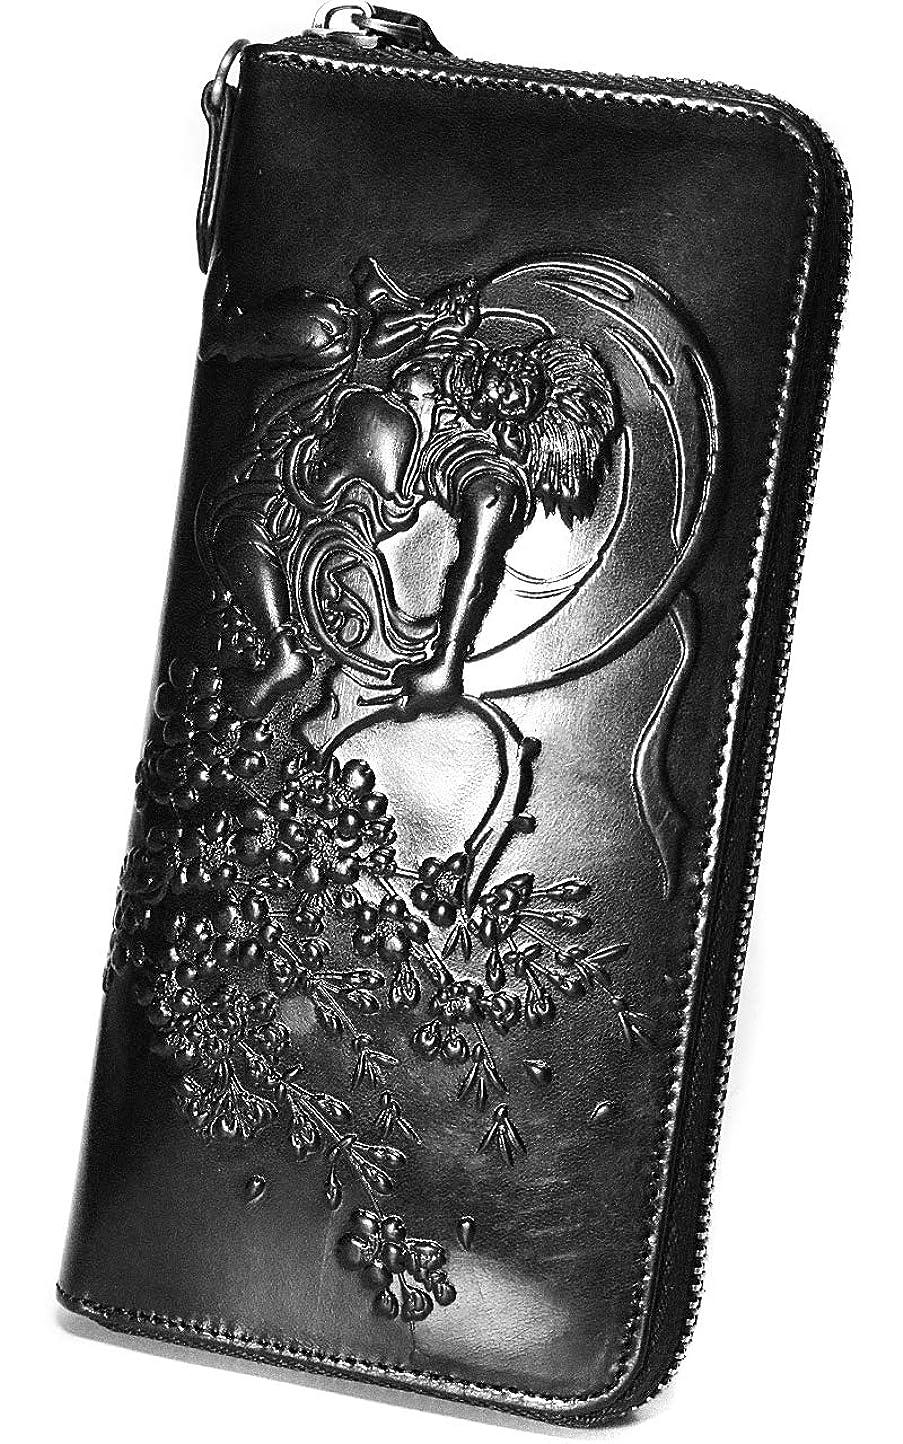 メナジェリーましい息切れ金運アップ 長財布 エンボス加工 風神雷神 イタリア製レザー 本革 ブラック ME0272_c2